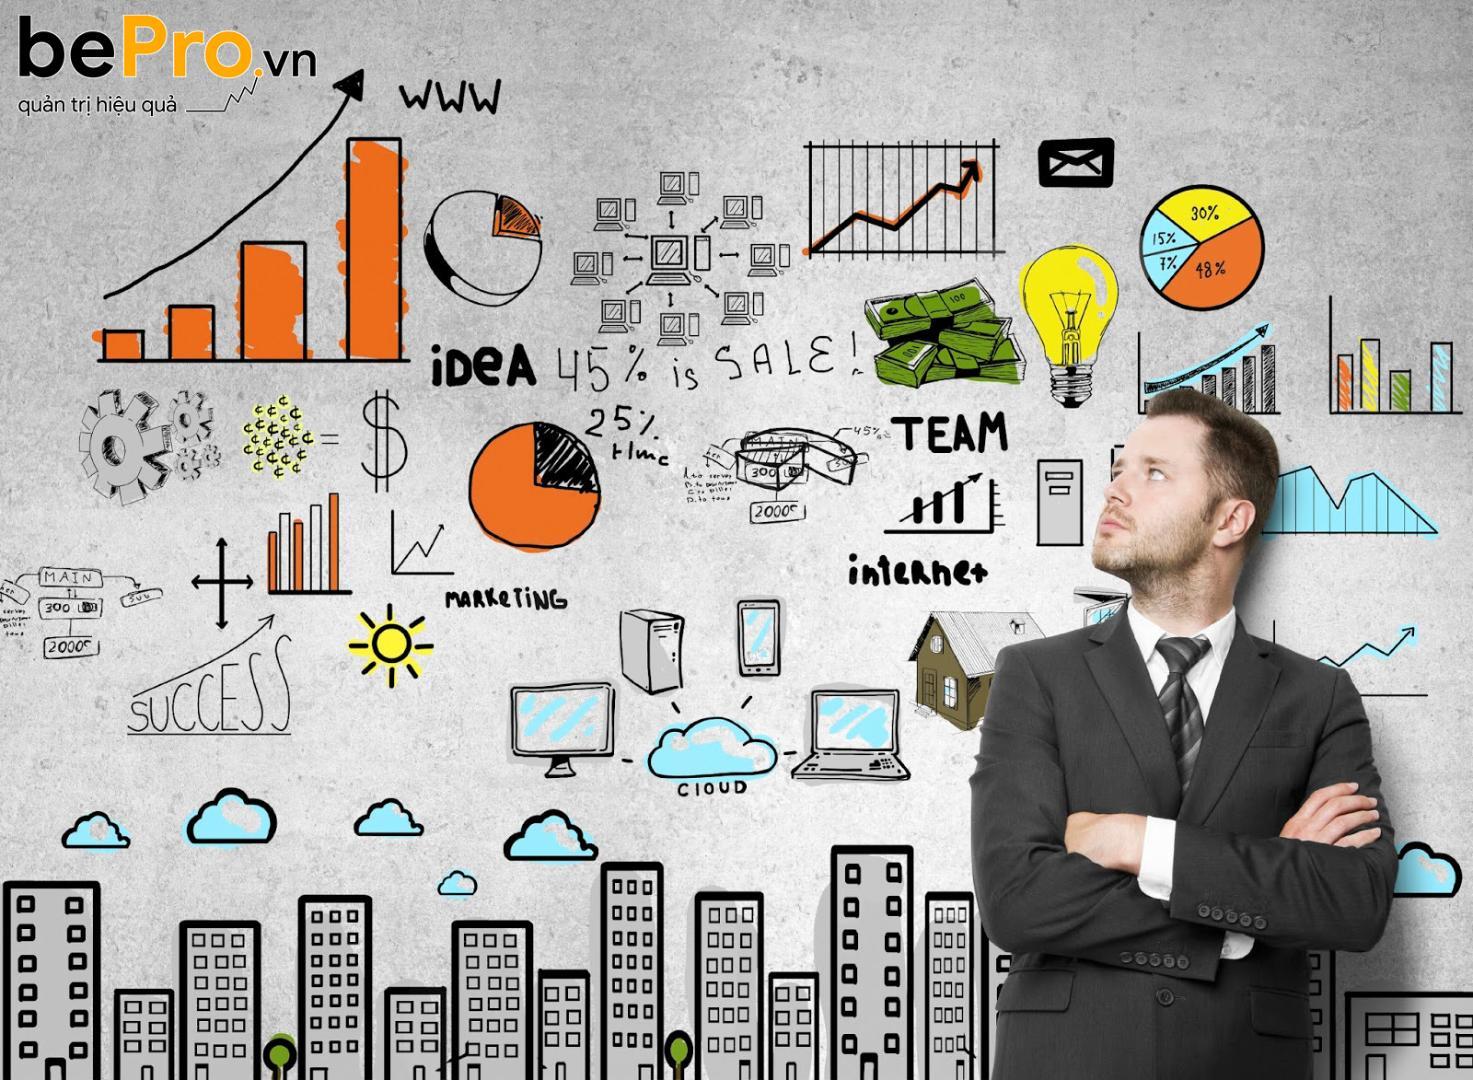 Thủ tục thành lập doanh nghiệp chuẩn nhất năm 2020